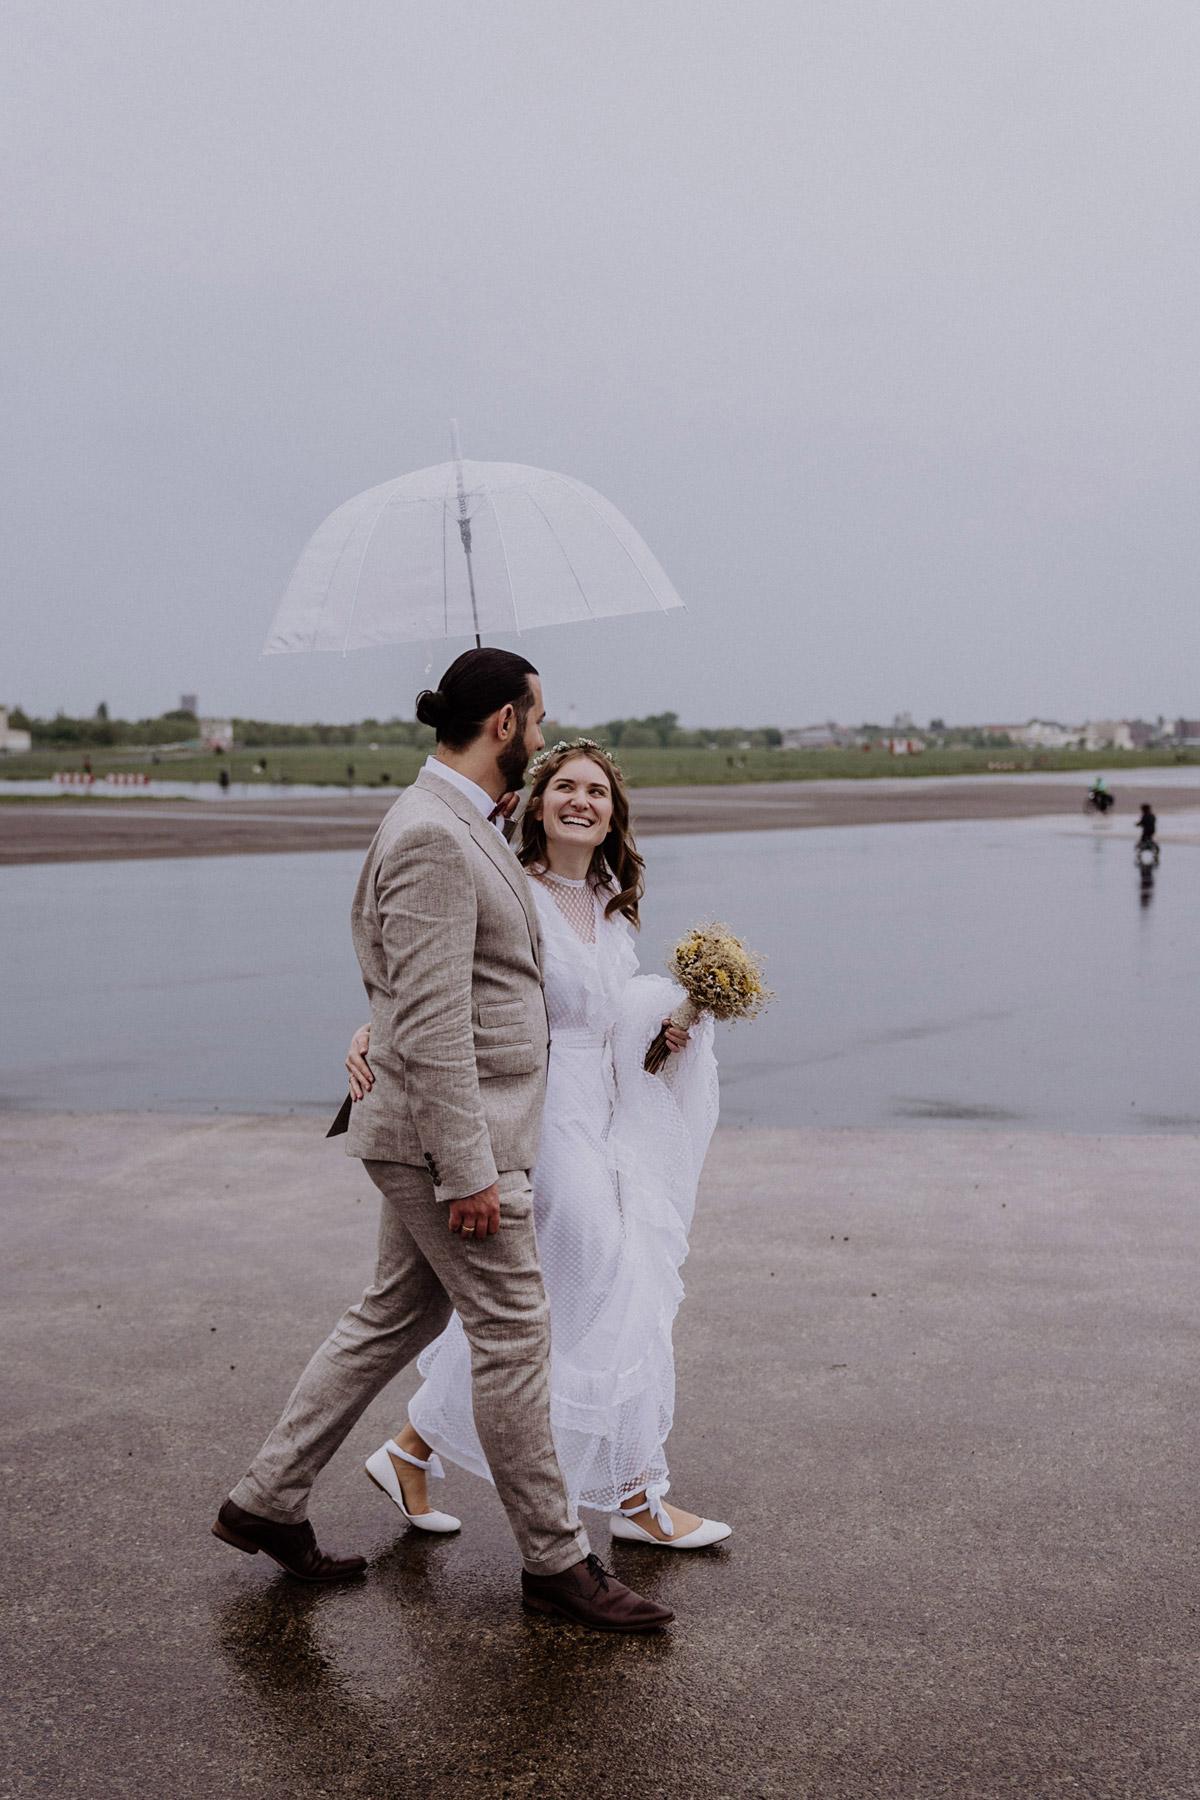 Hochzeit mit Regen Hochzeitspaar mit Regeschirm nach standesamtlicher Trauung in Berlin, © www.hochzeitslicht.de Hochzeitsreportage Berlin #hochzeitslicht #hochzeitfoto #standesamt #regenschirm